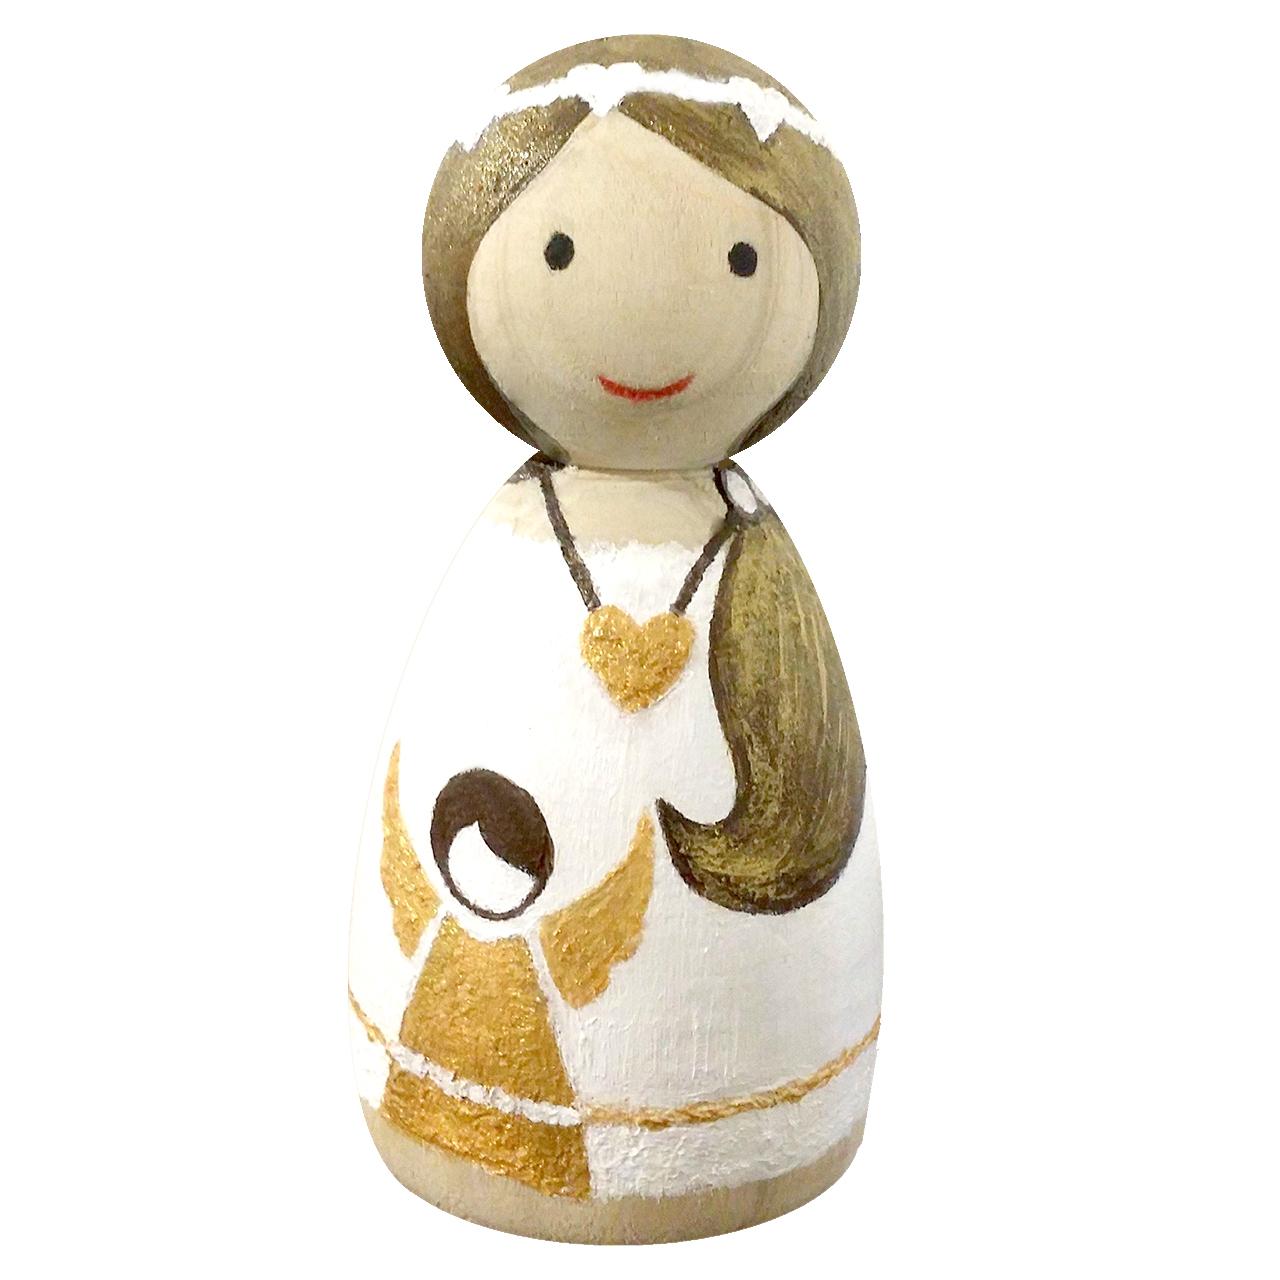 مجسمه چوبی مدل مادر و فرشته کوچولو کد 01dmombaby